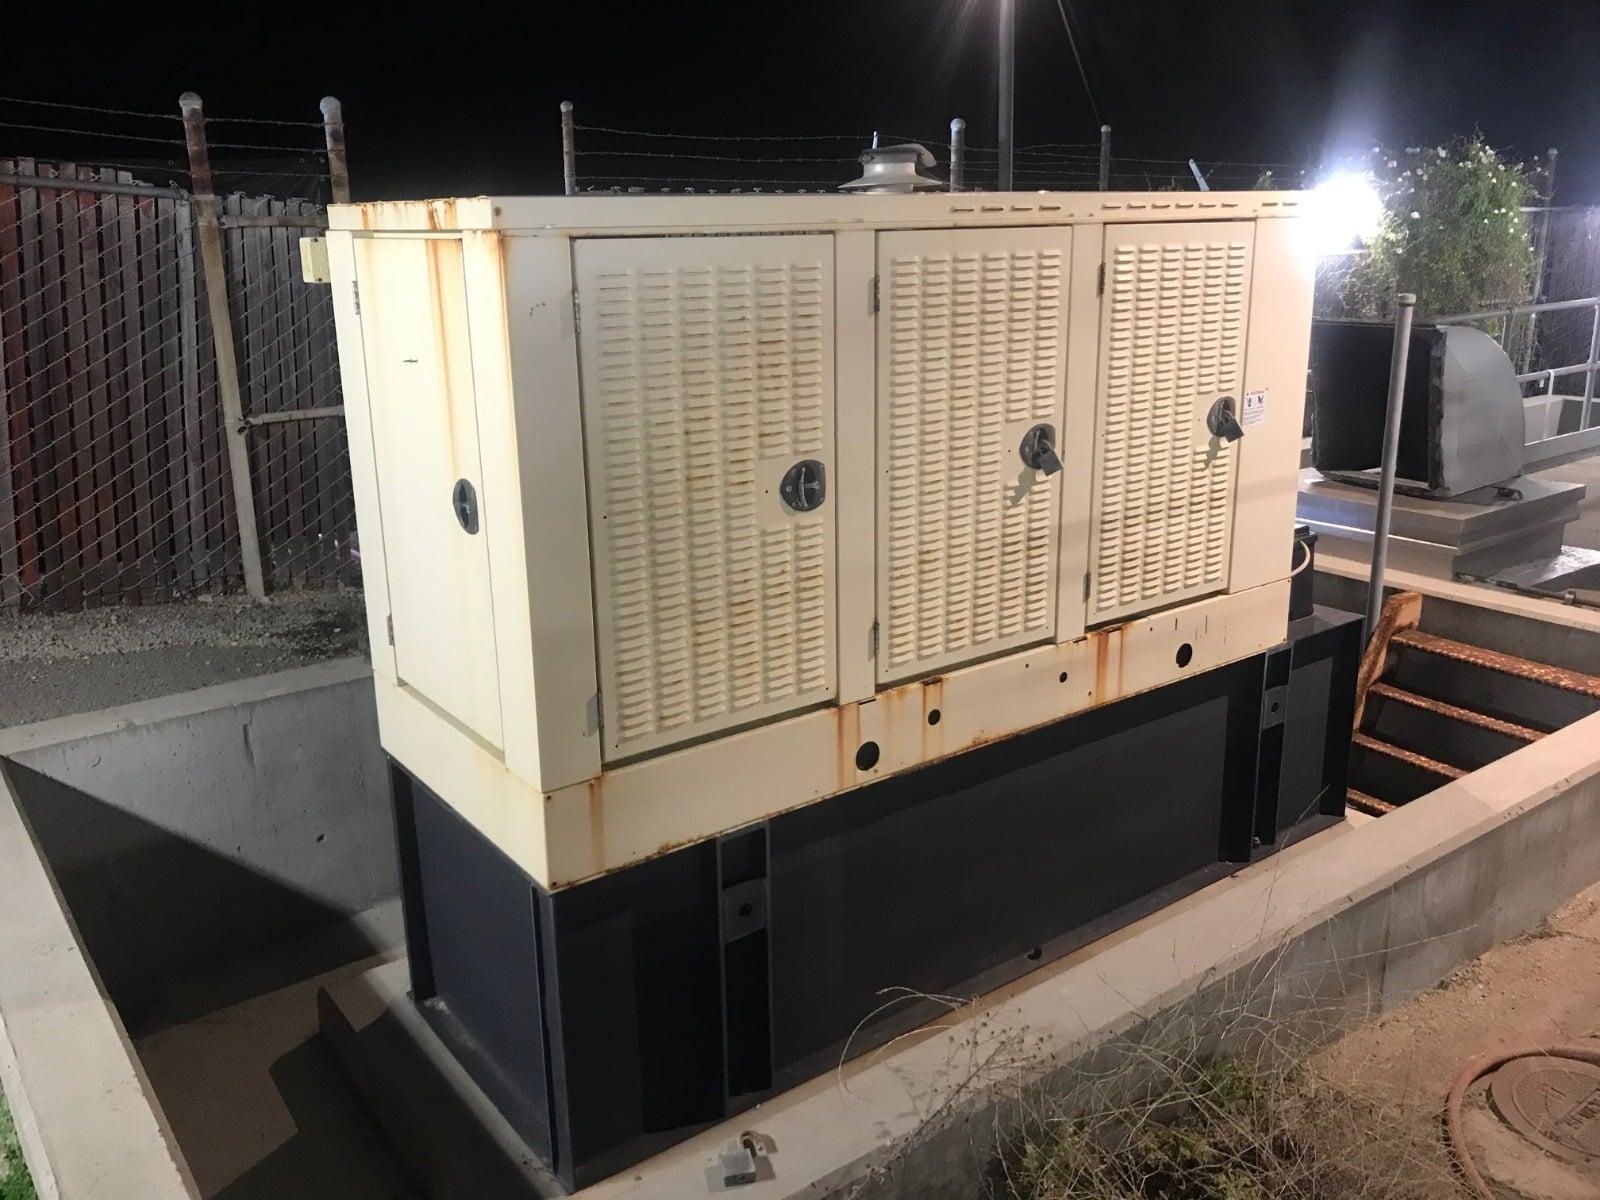 Used 175 kW Cummins DGFB Diesel Generator – JUST IN!